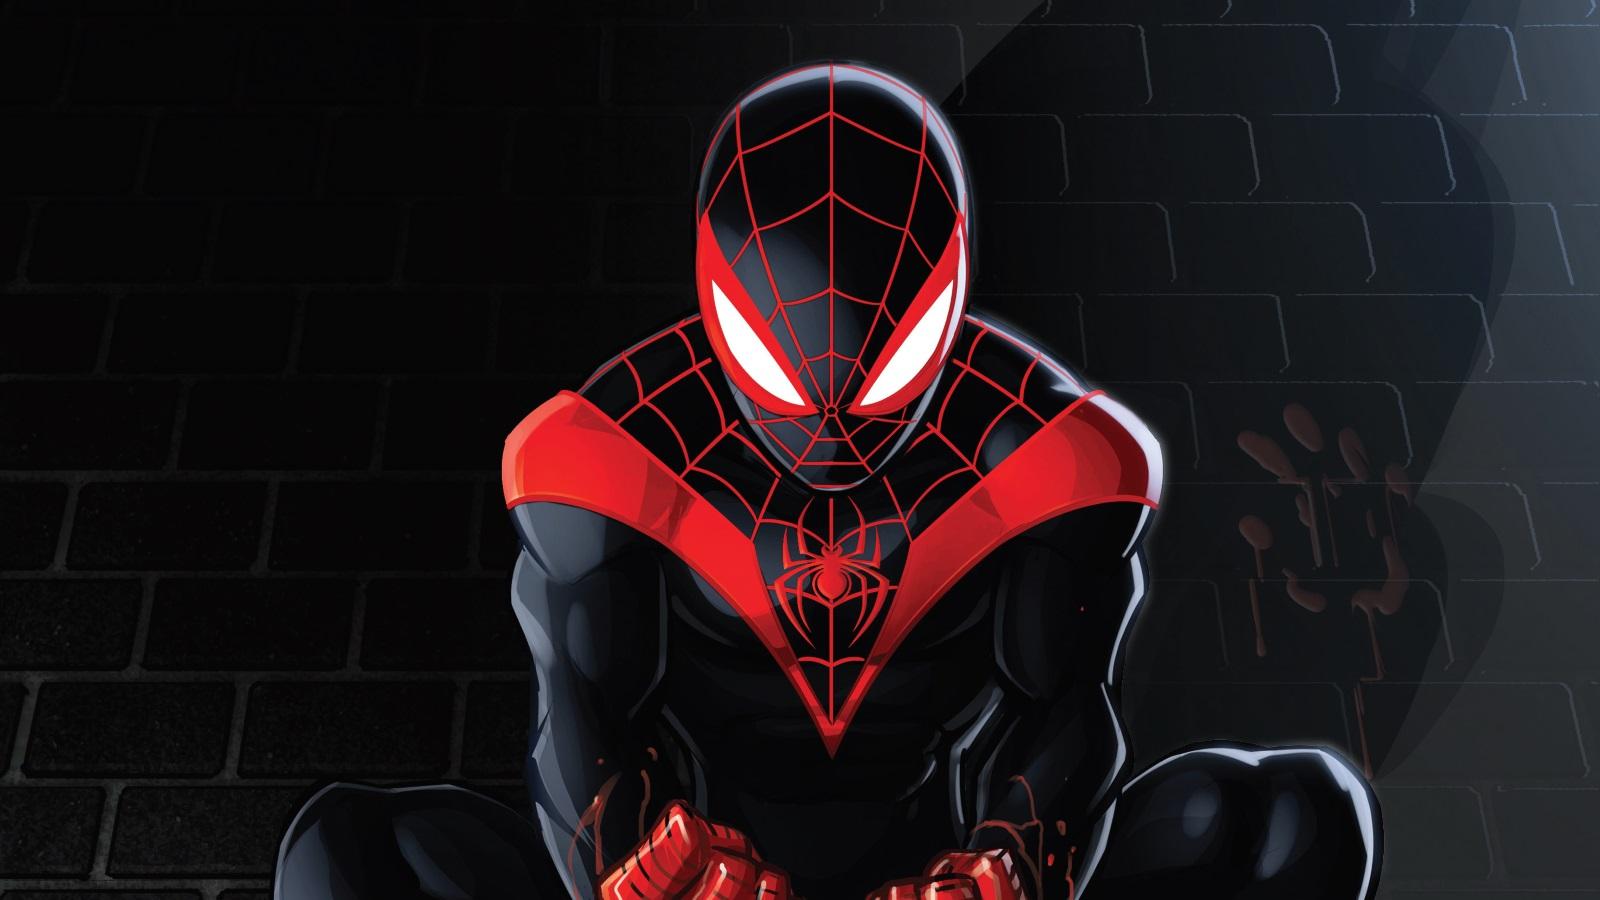 La Importancia Que Ha Cobrado Miles Morales En El Universo Marvel